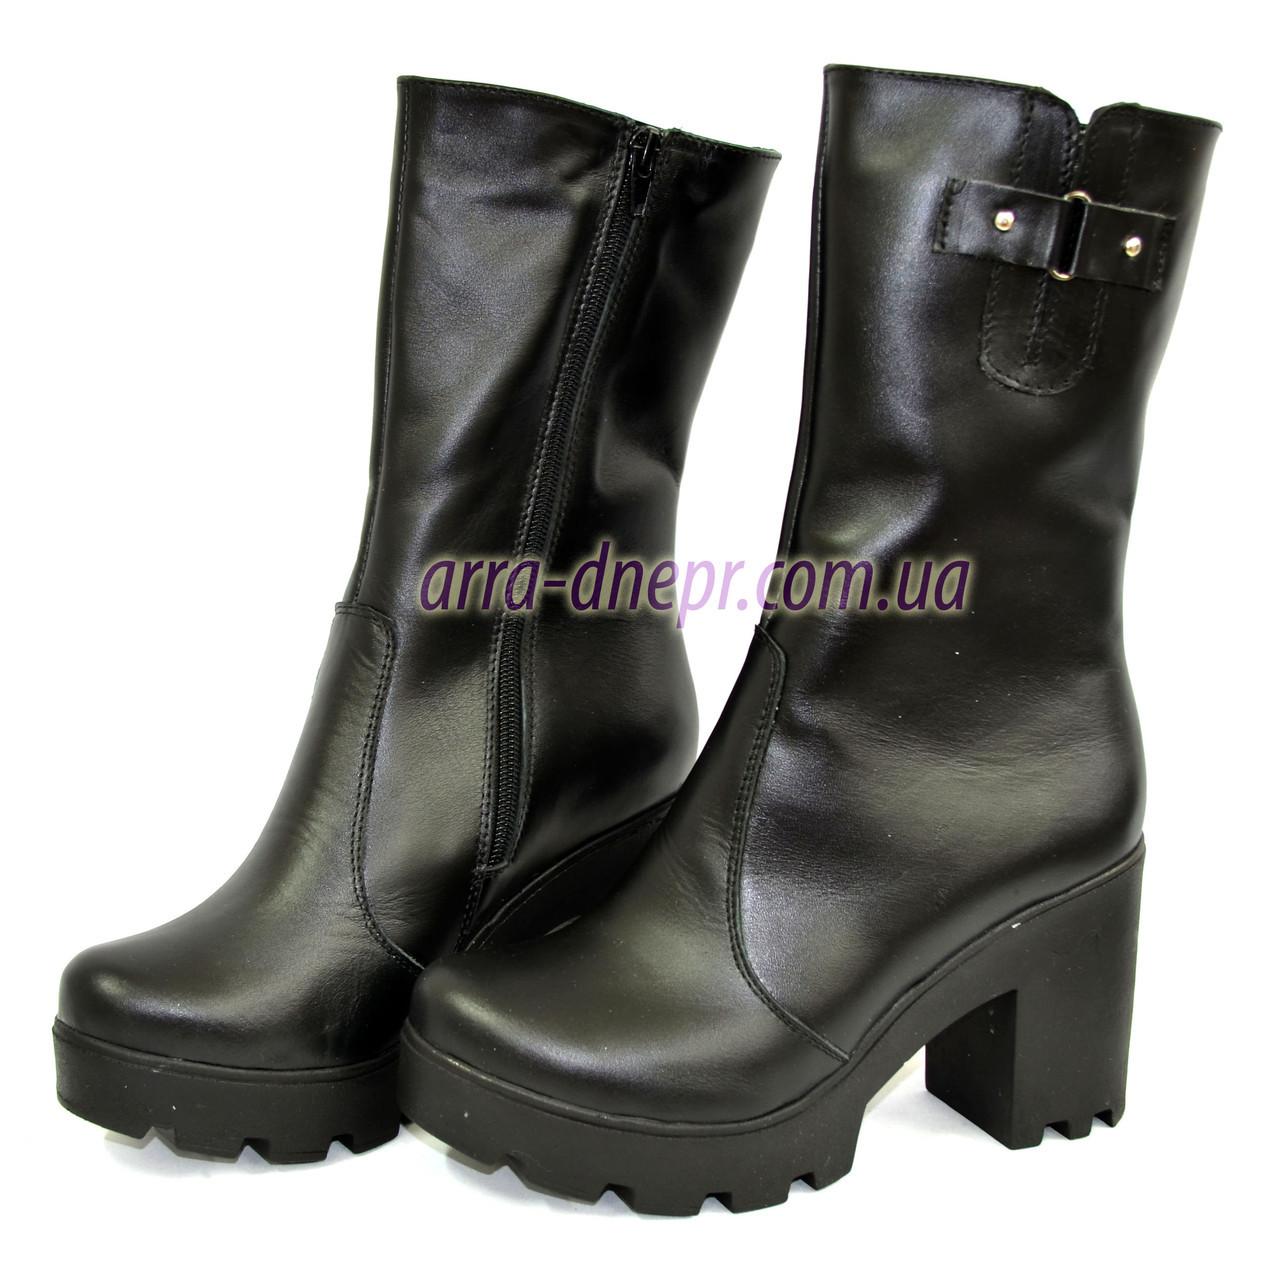 b068c78b8 Купить Женские зимние кожаные ботинки на тракторной подошве в Днепре ...